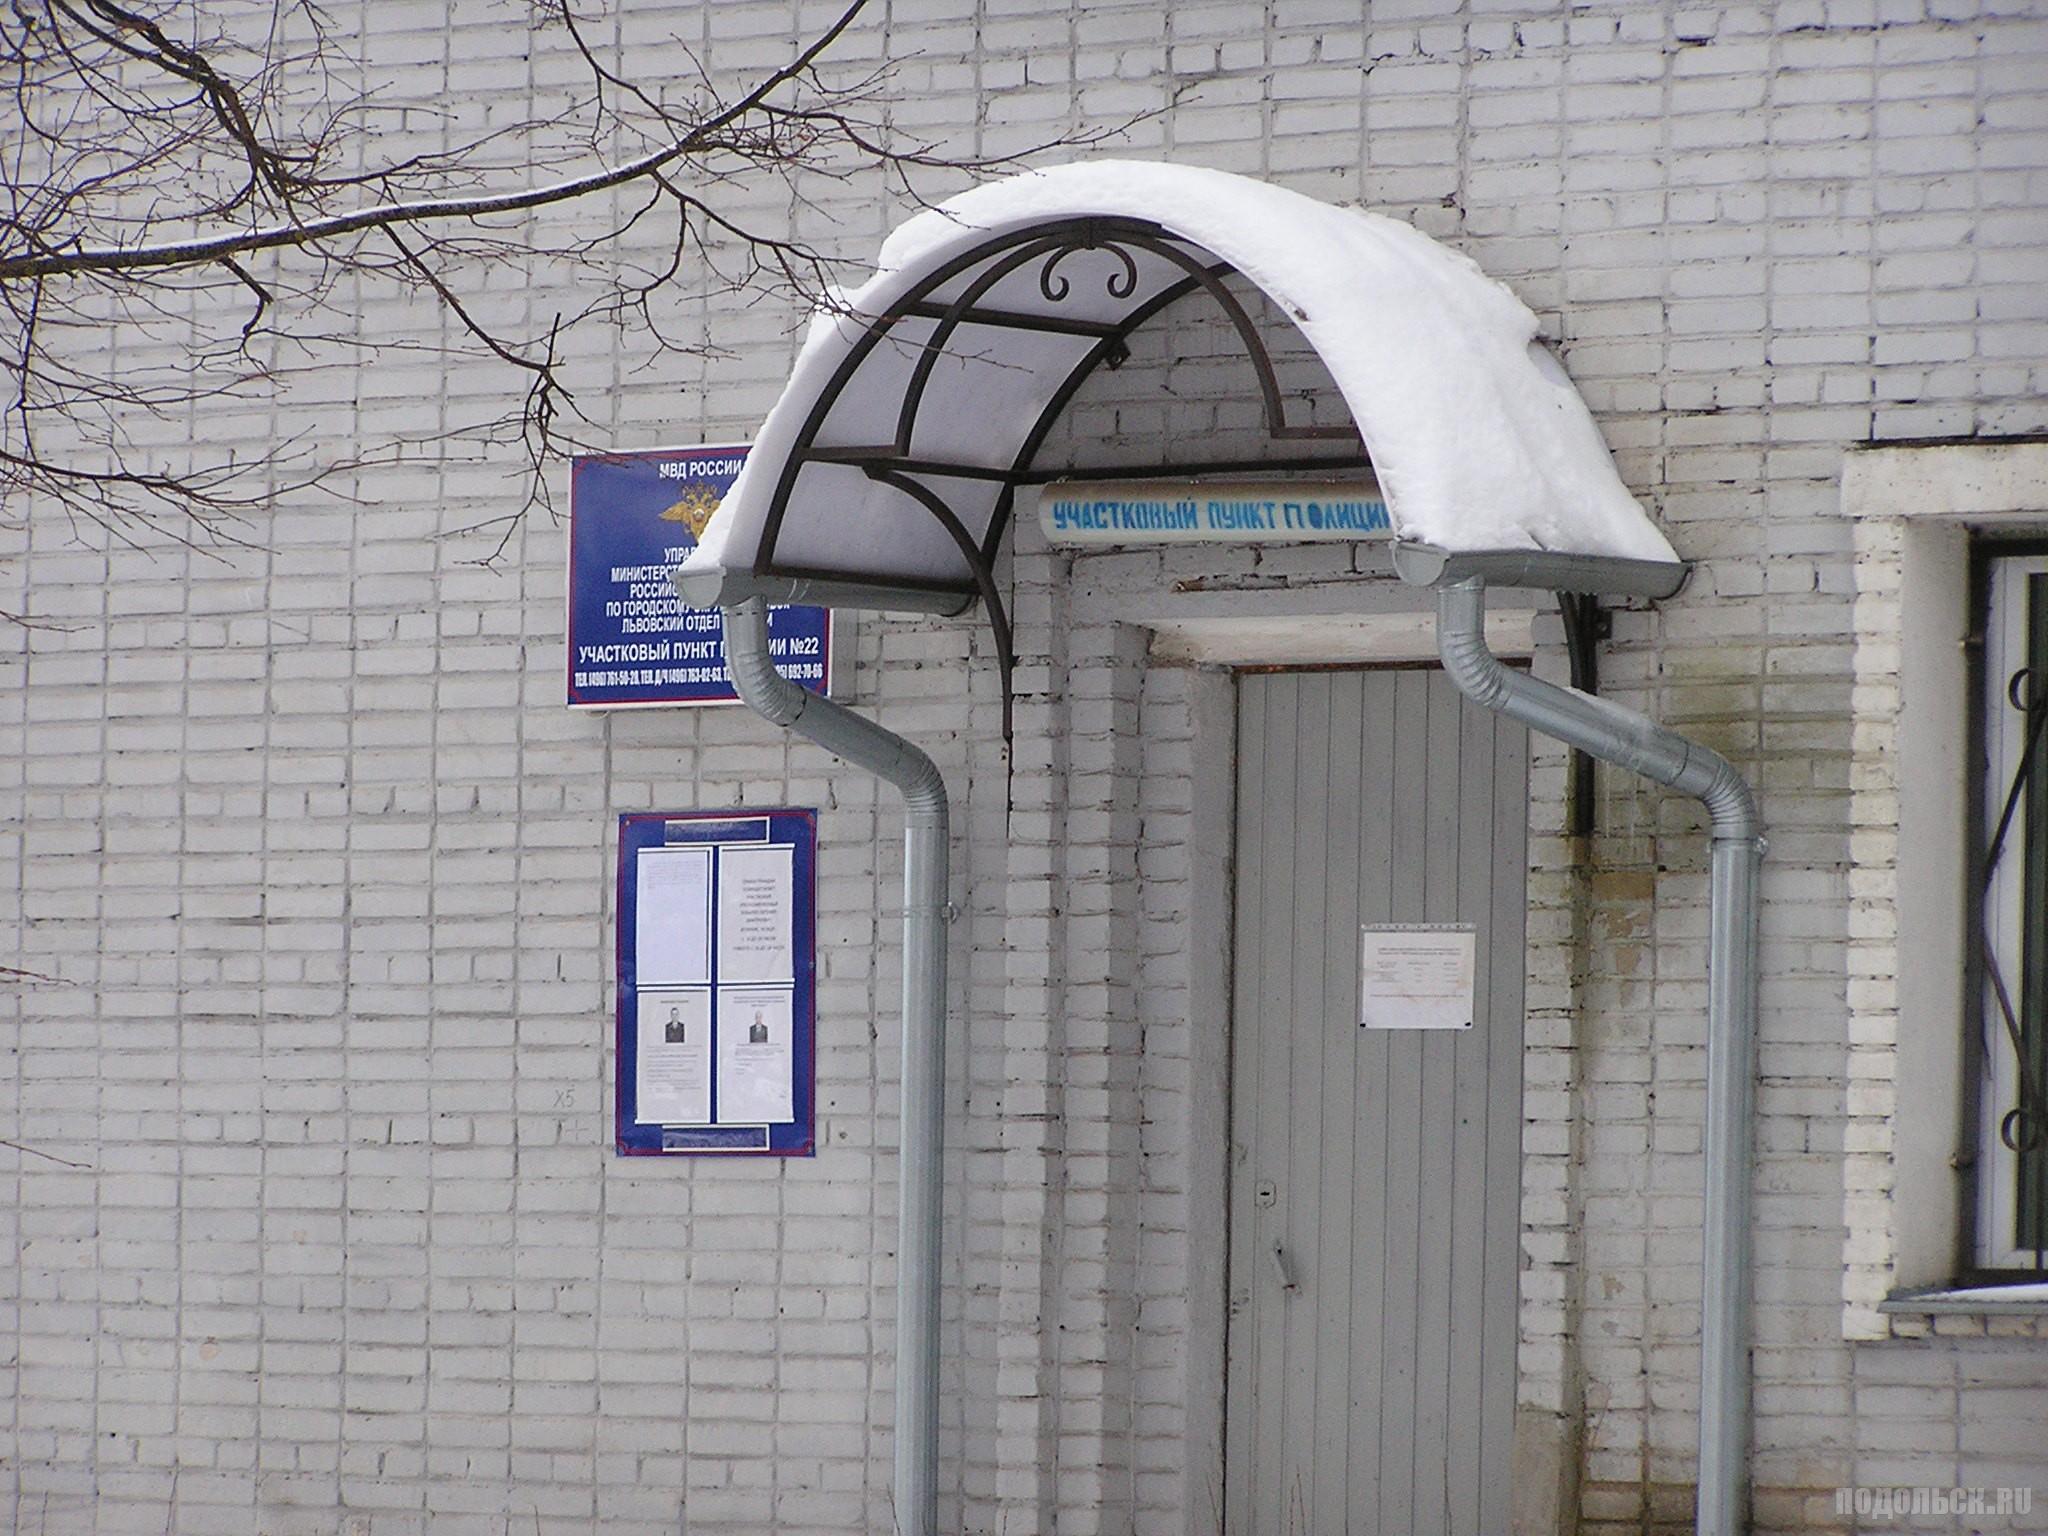 Участковый пункт полиции в Железнодорожном. Декабрь 2016 г.